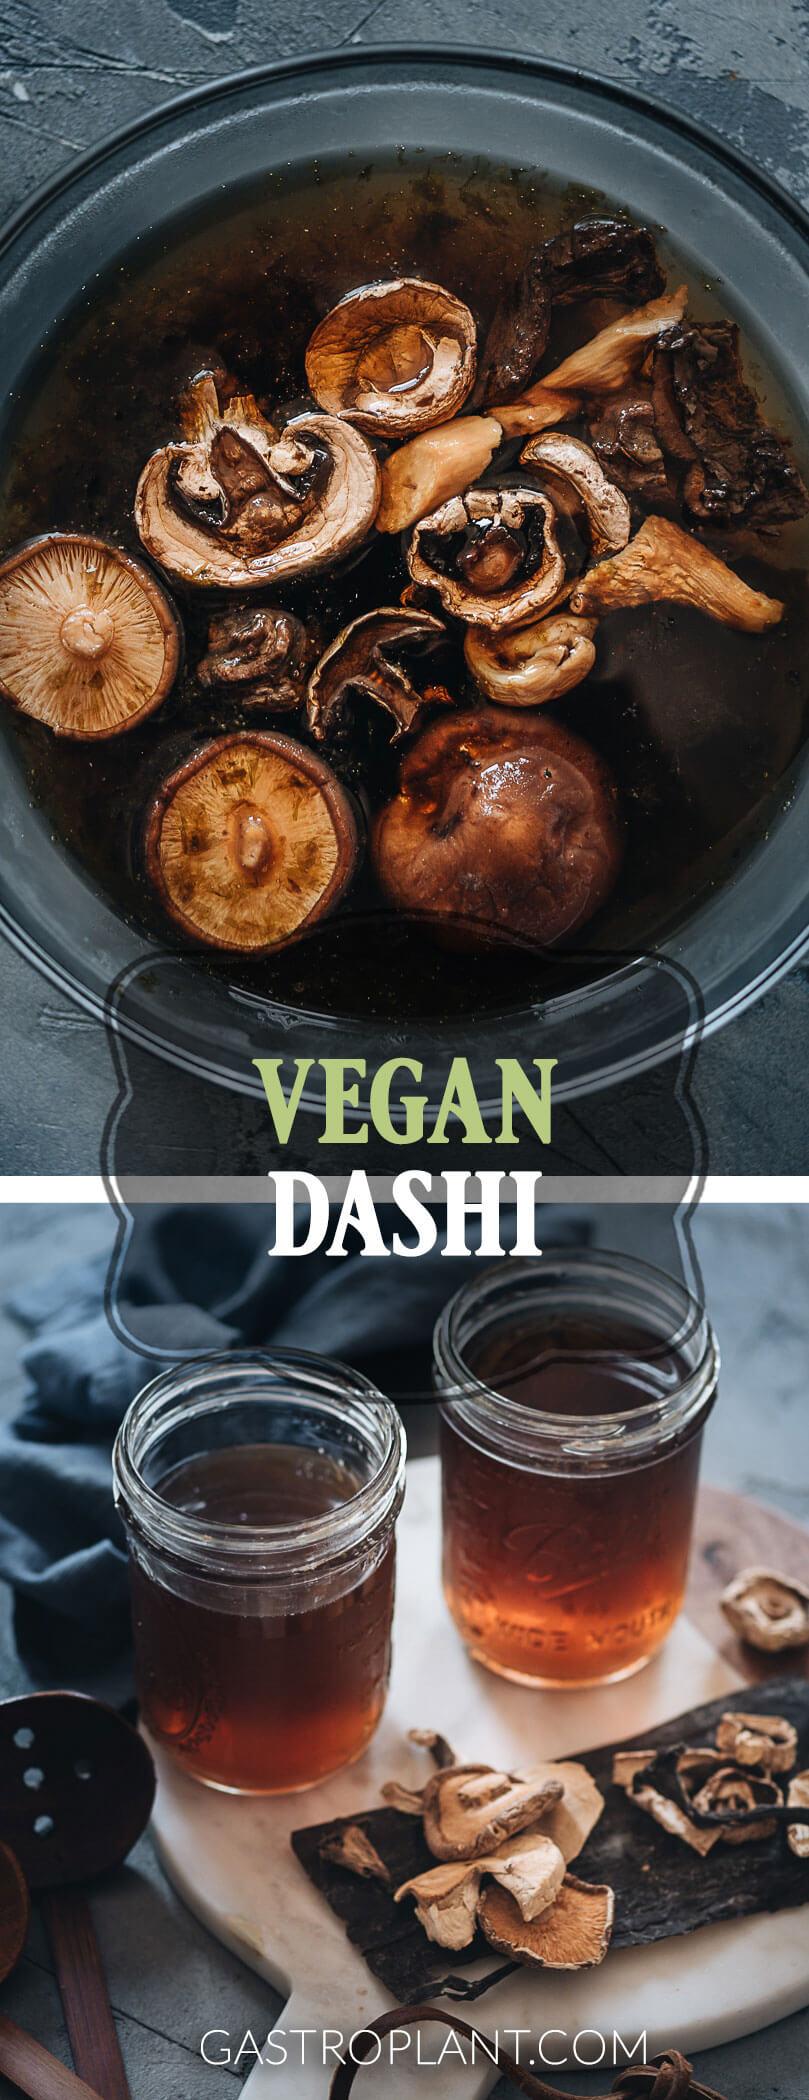 Easy umami vegan dashi collage with shiitake mushrooms and kombu seaweed